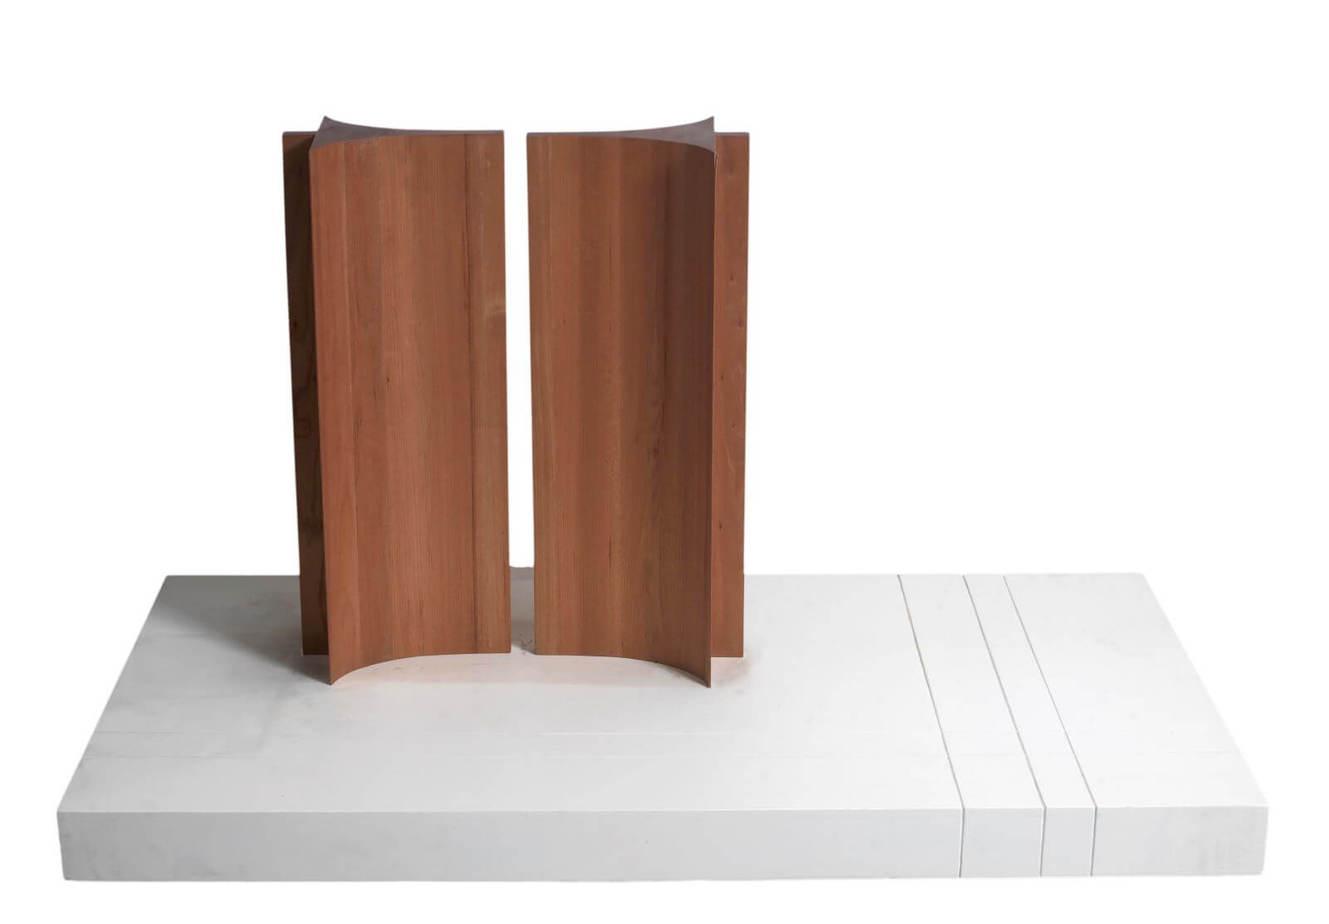 ΓΙΑΝΝΗΣ ΜΙΧΑΣ (1938-2008) Roma Gallery έργο τέχνης